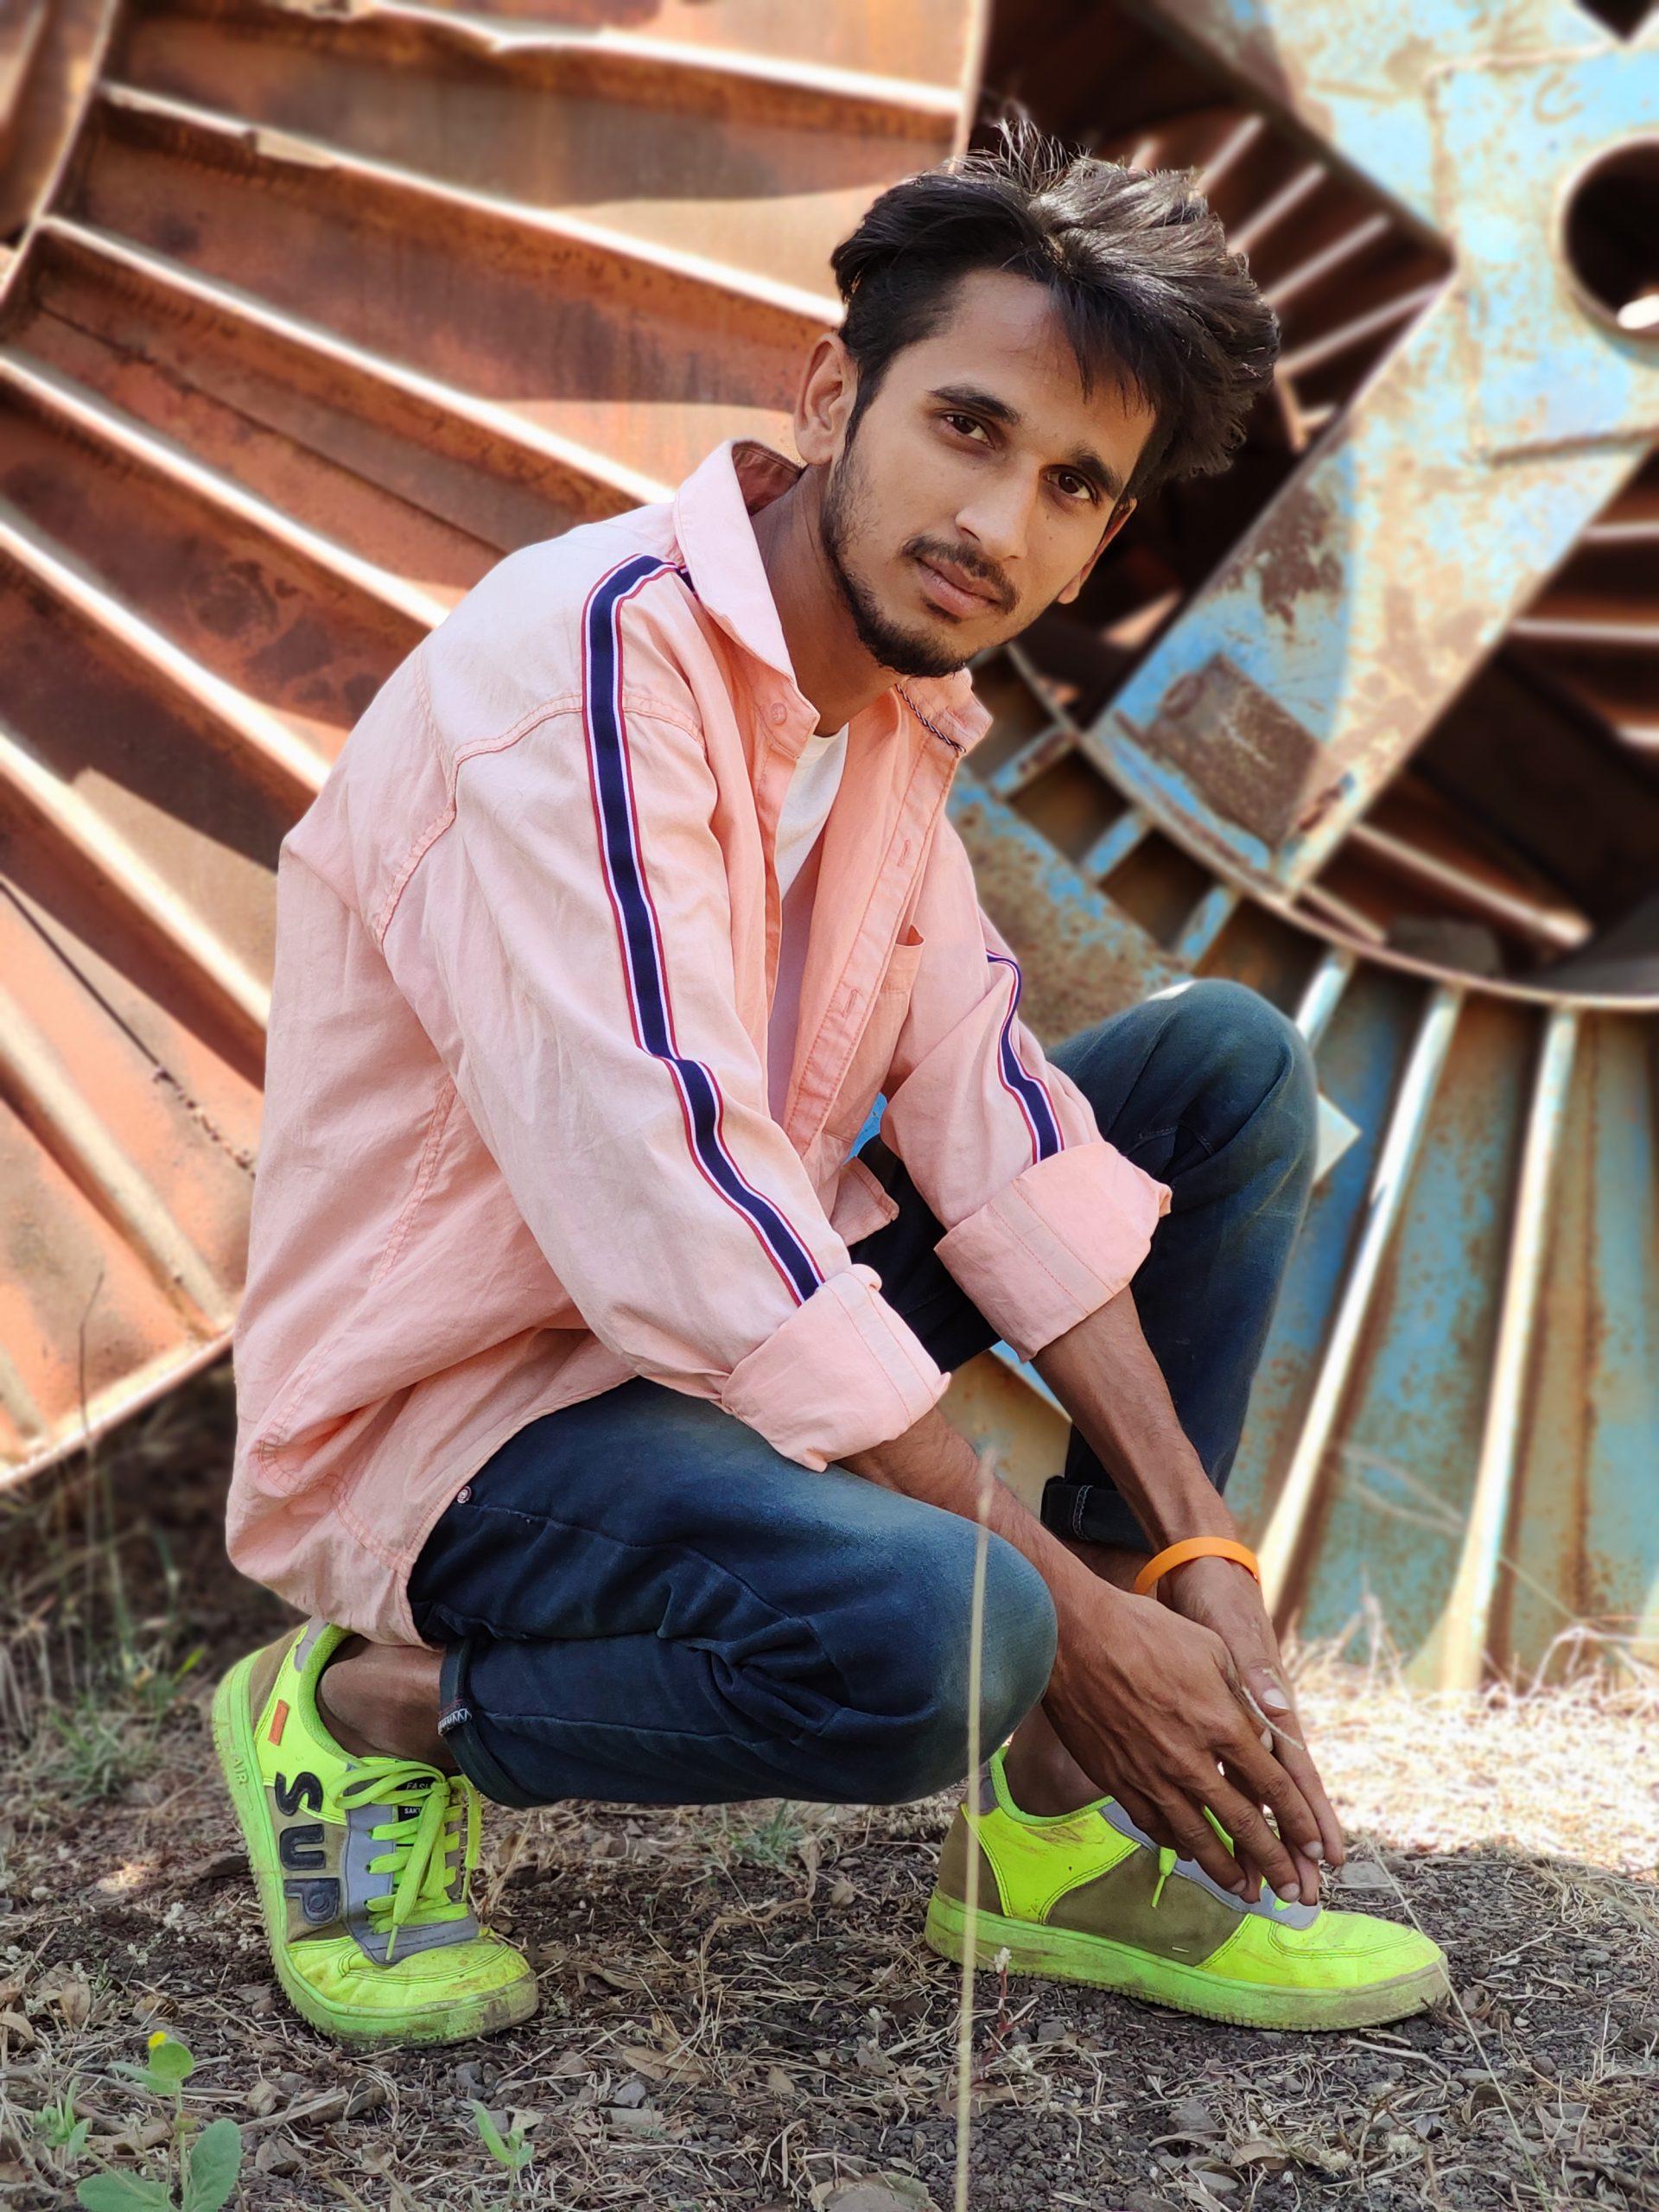 A boy posing